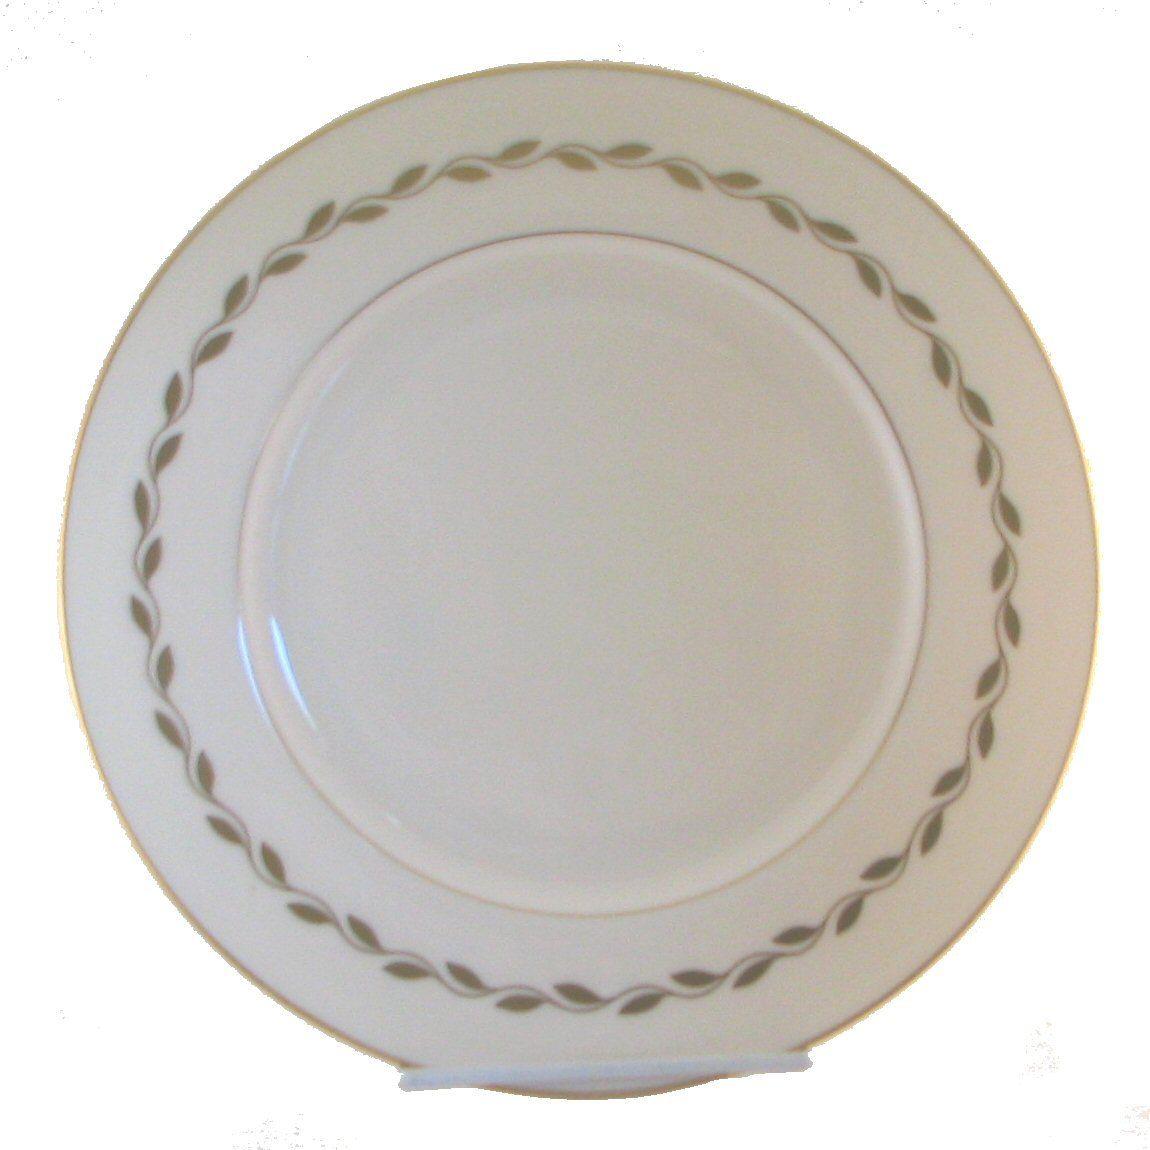 Lenox Golden Wreath Dinner Plate Pattern 0-313 Gold Laurel on Rim Ivory Body  sc 1 st  Pinterest & Lenox Golden Wreath Dinner Plate Pattern 0-313 Gold Laurel on Rim ...